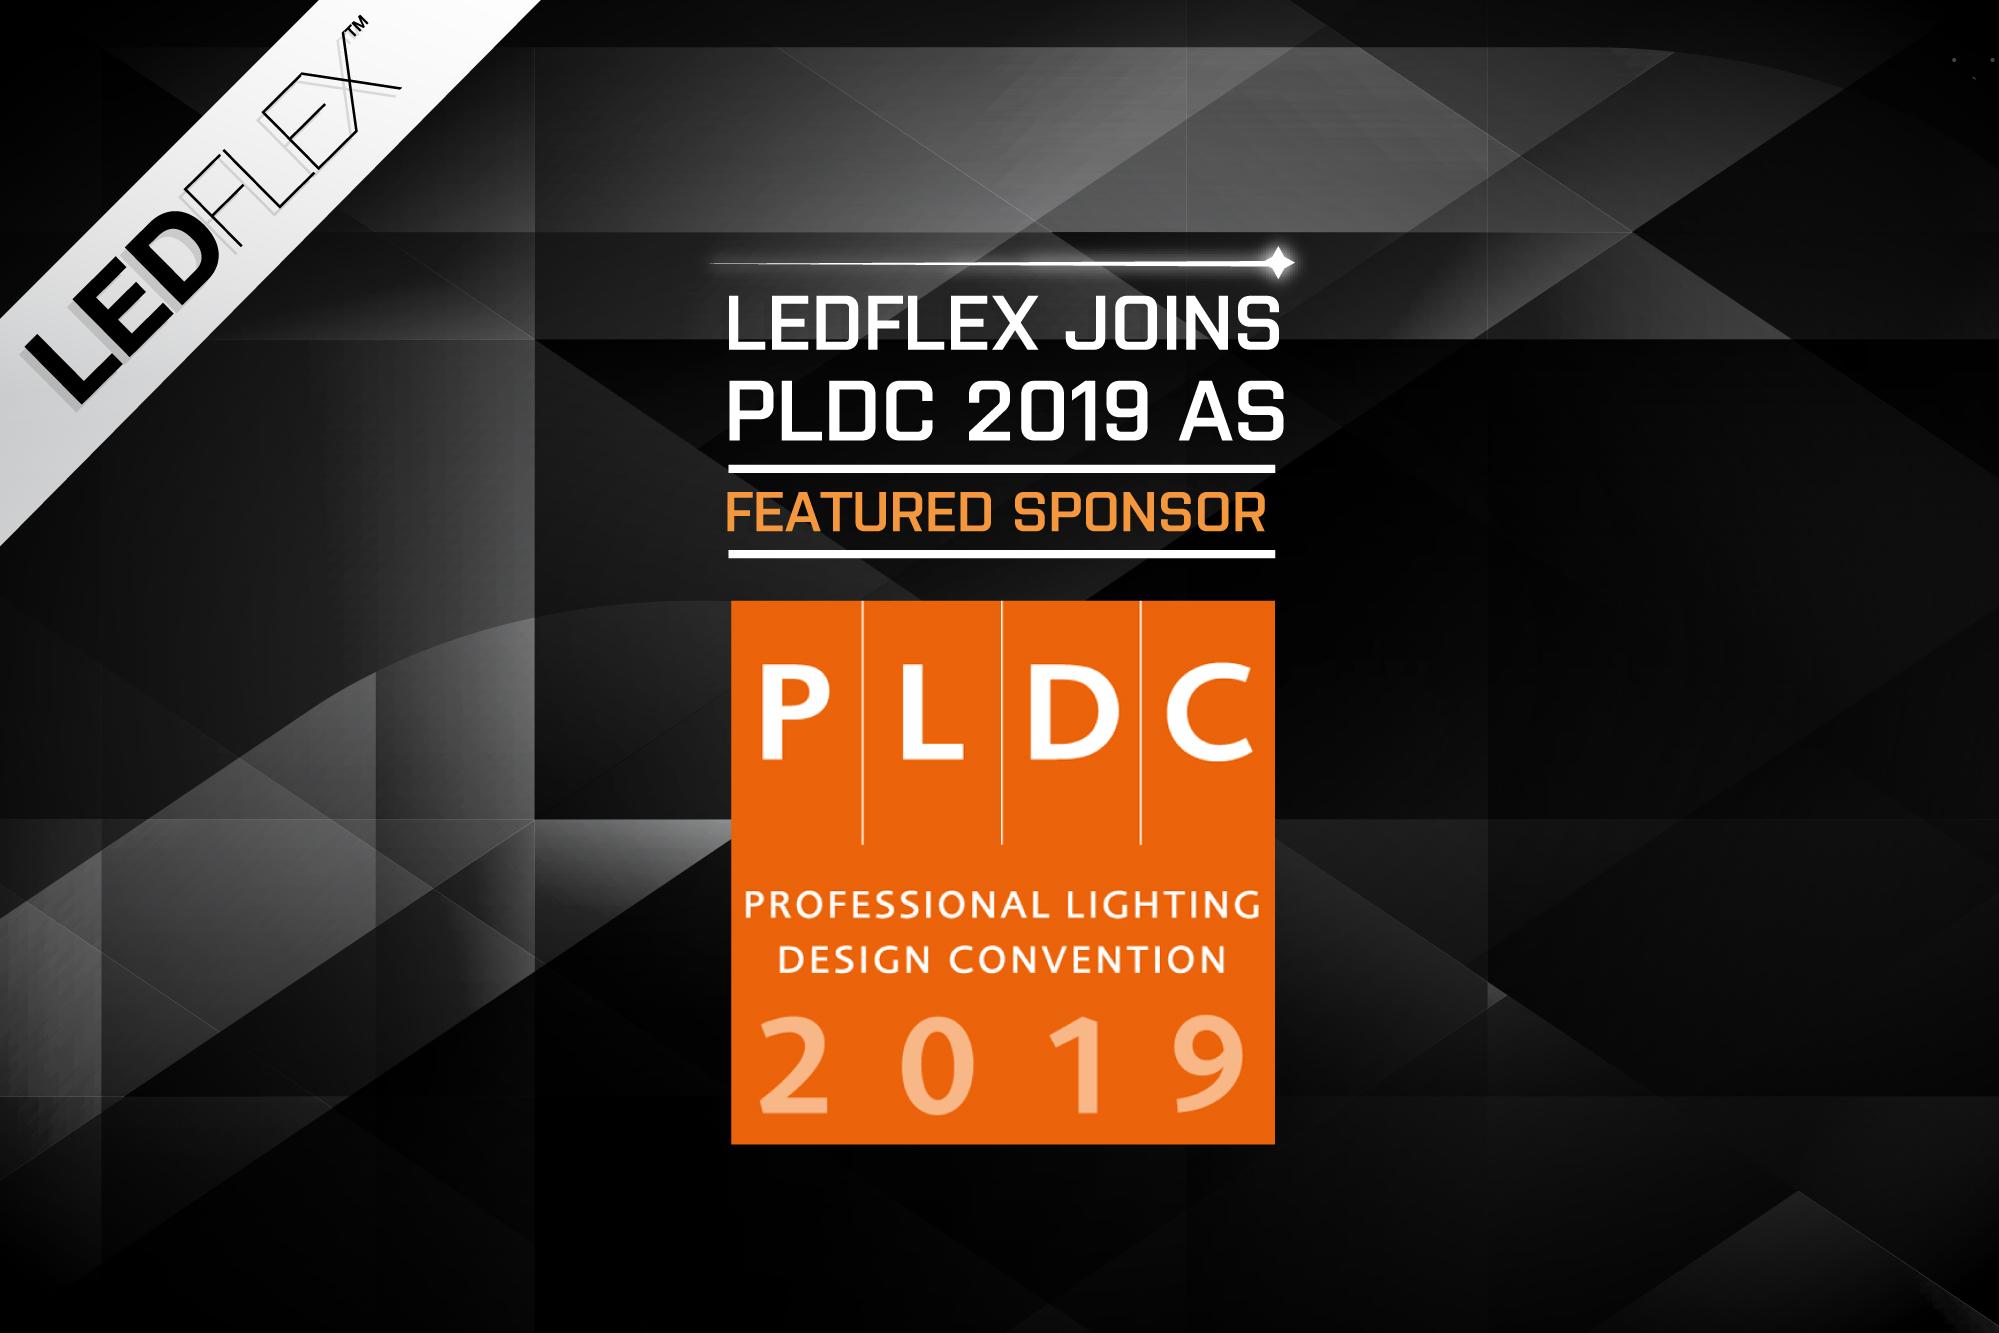 LEDFlex joins PLDC 2019 as a Featured Sponsor